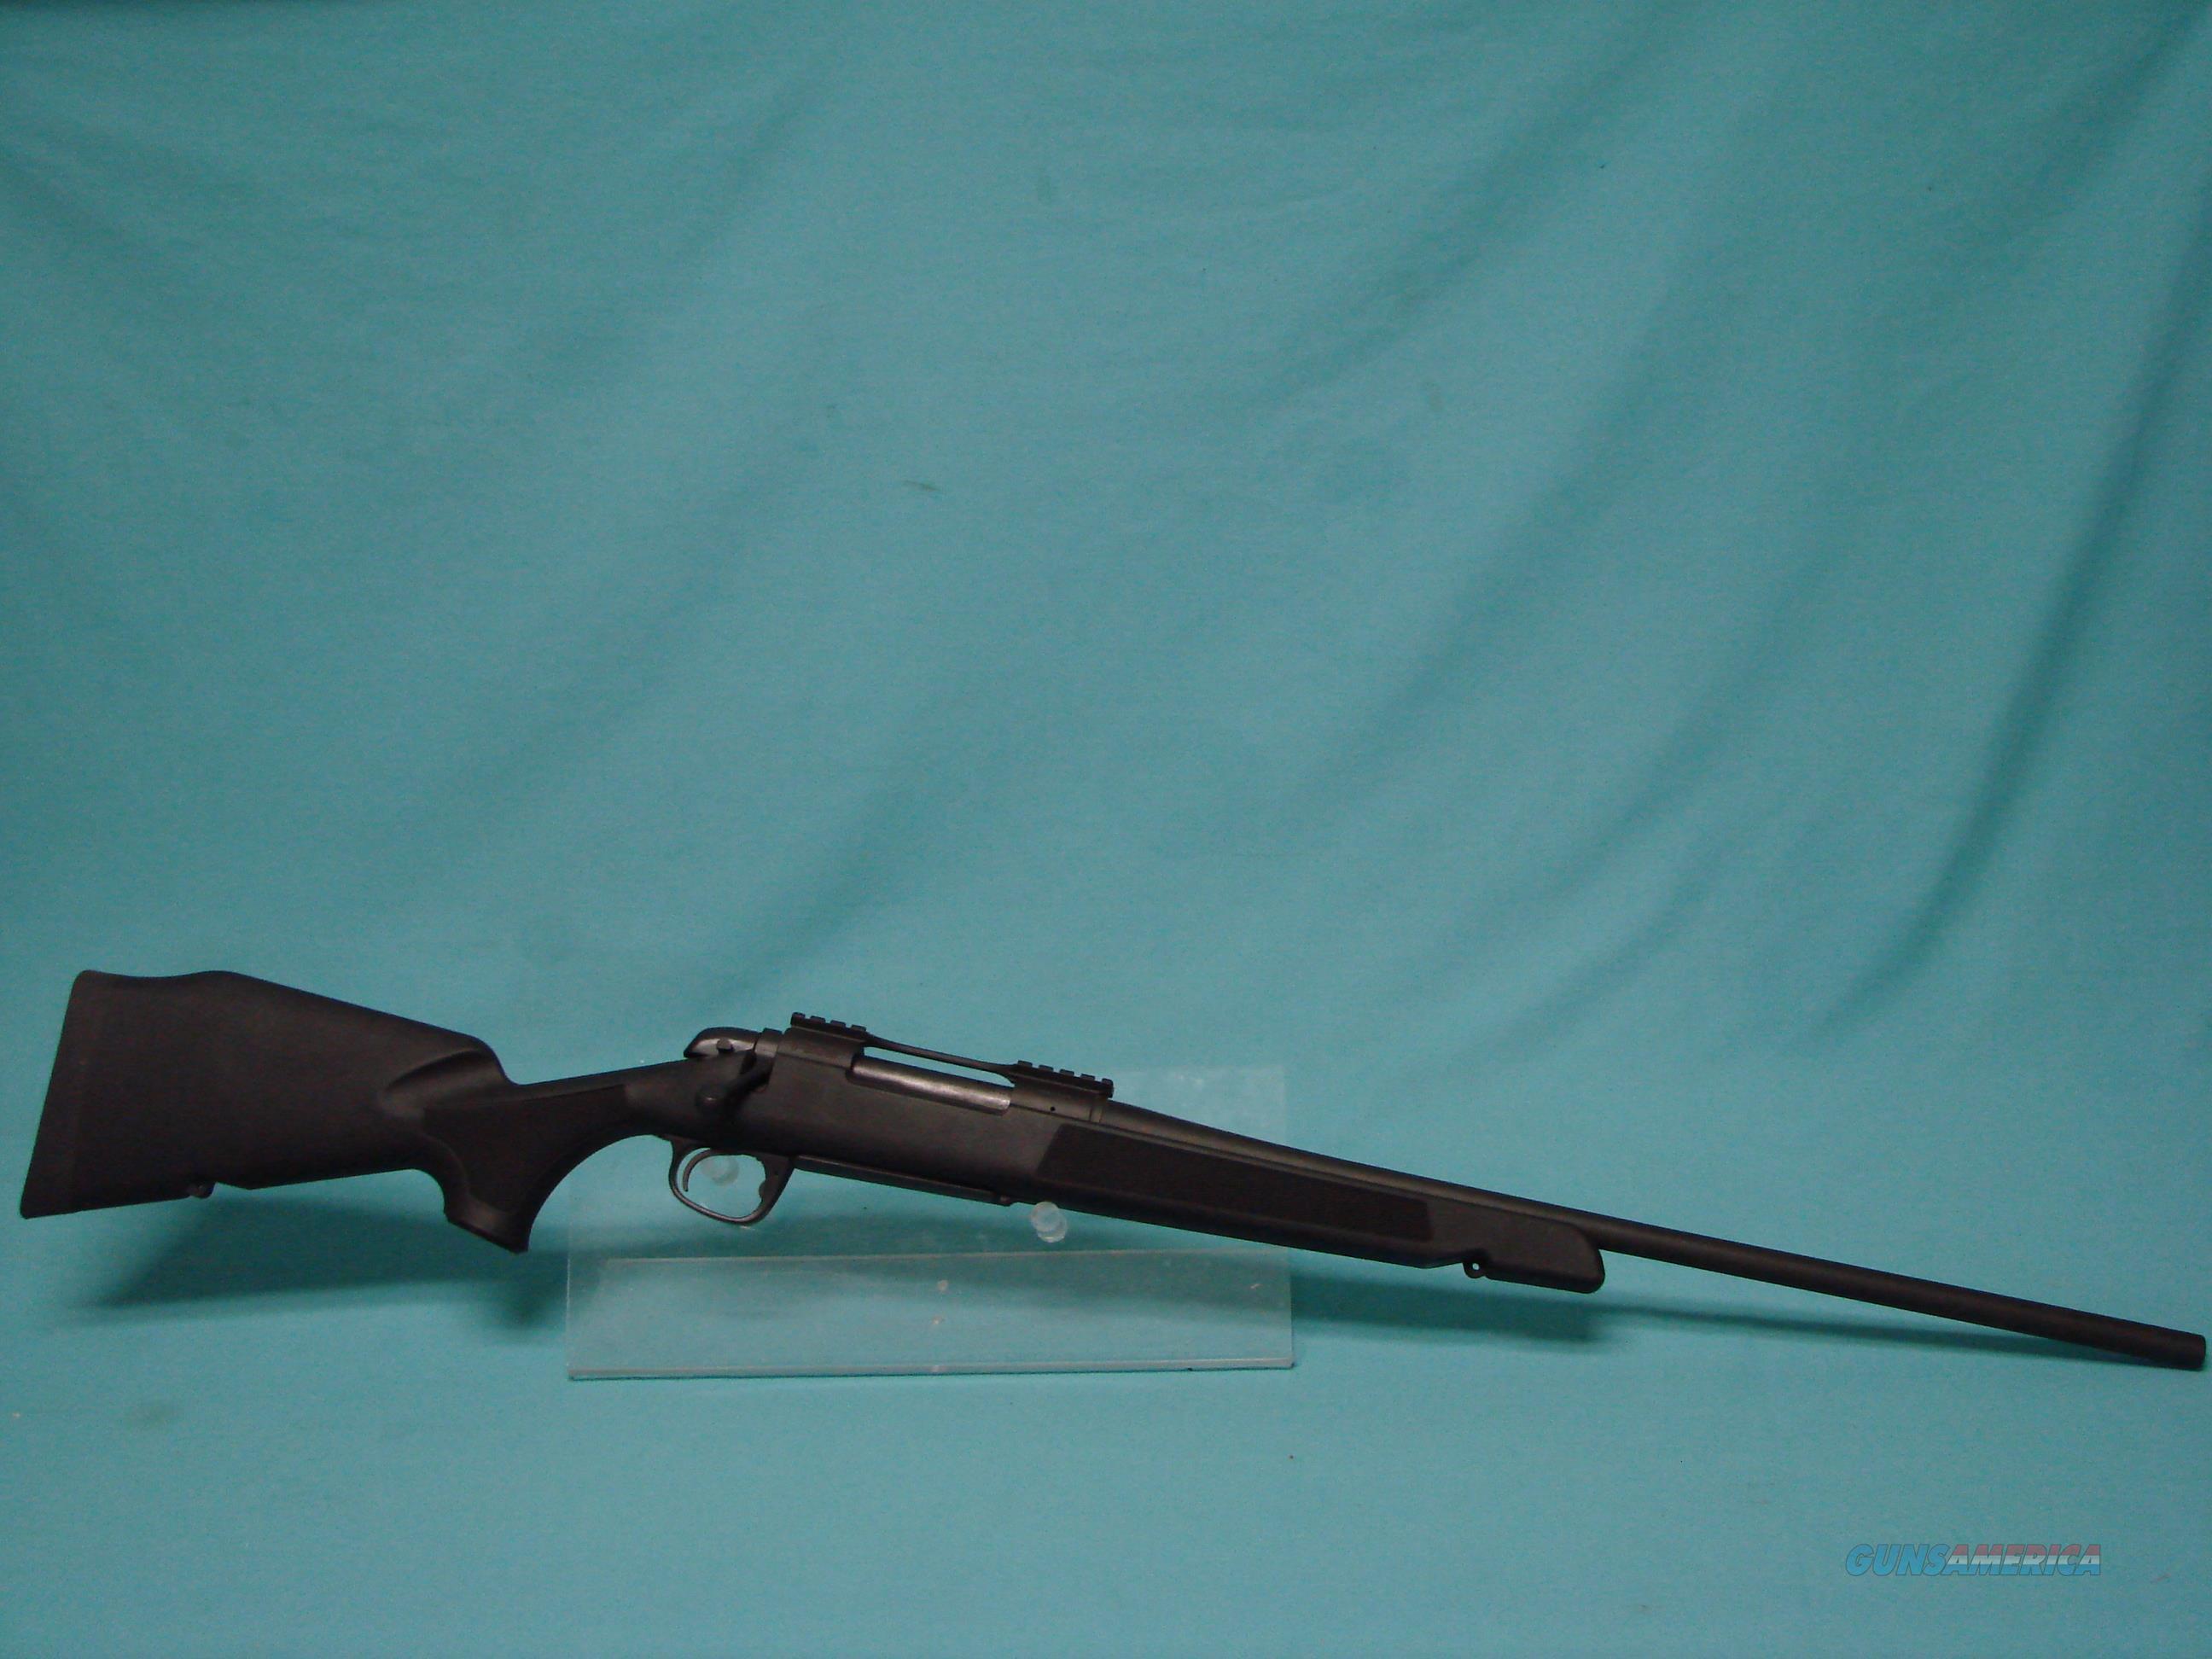 S&W IBOLT 30-06  Guns > Rifles > Smith & Wesson Rifles > I-Bolt